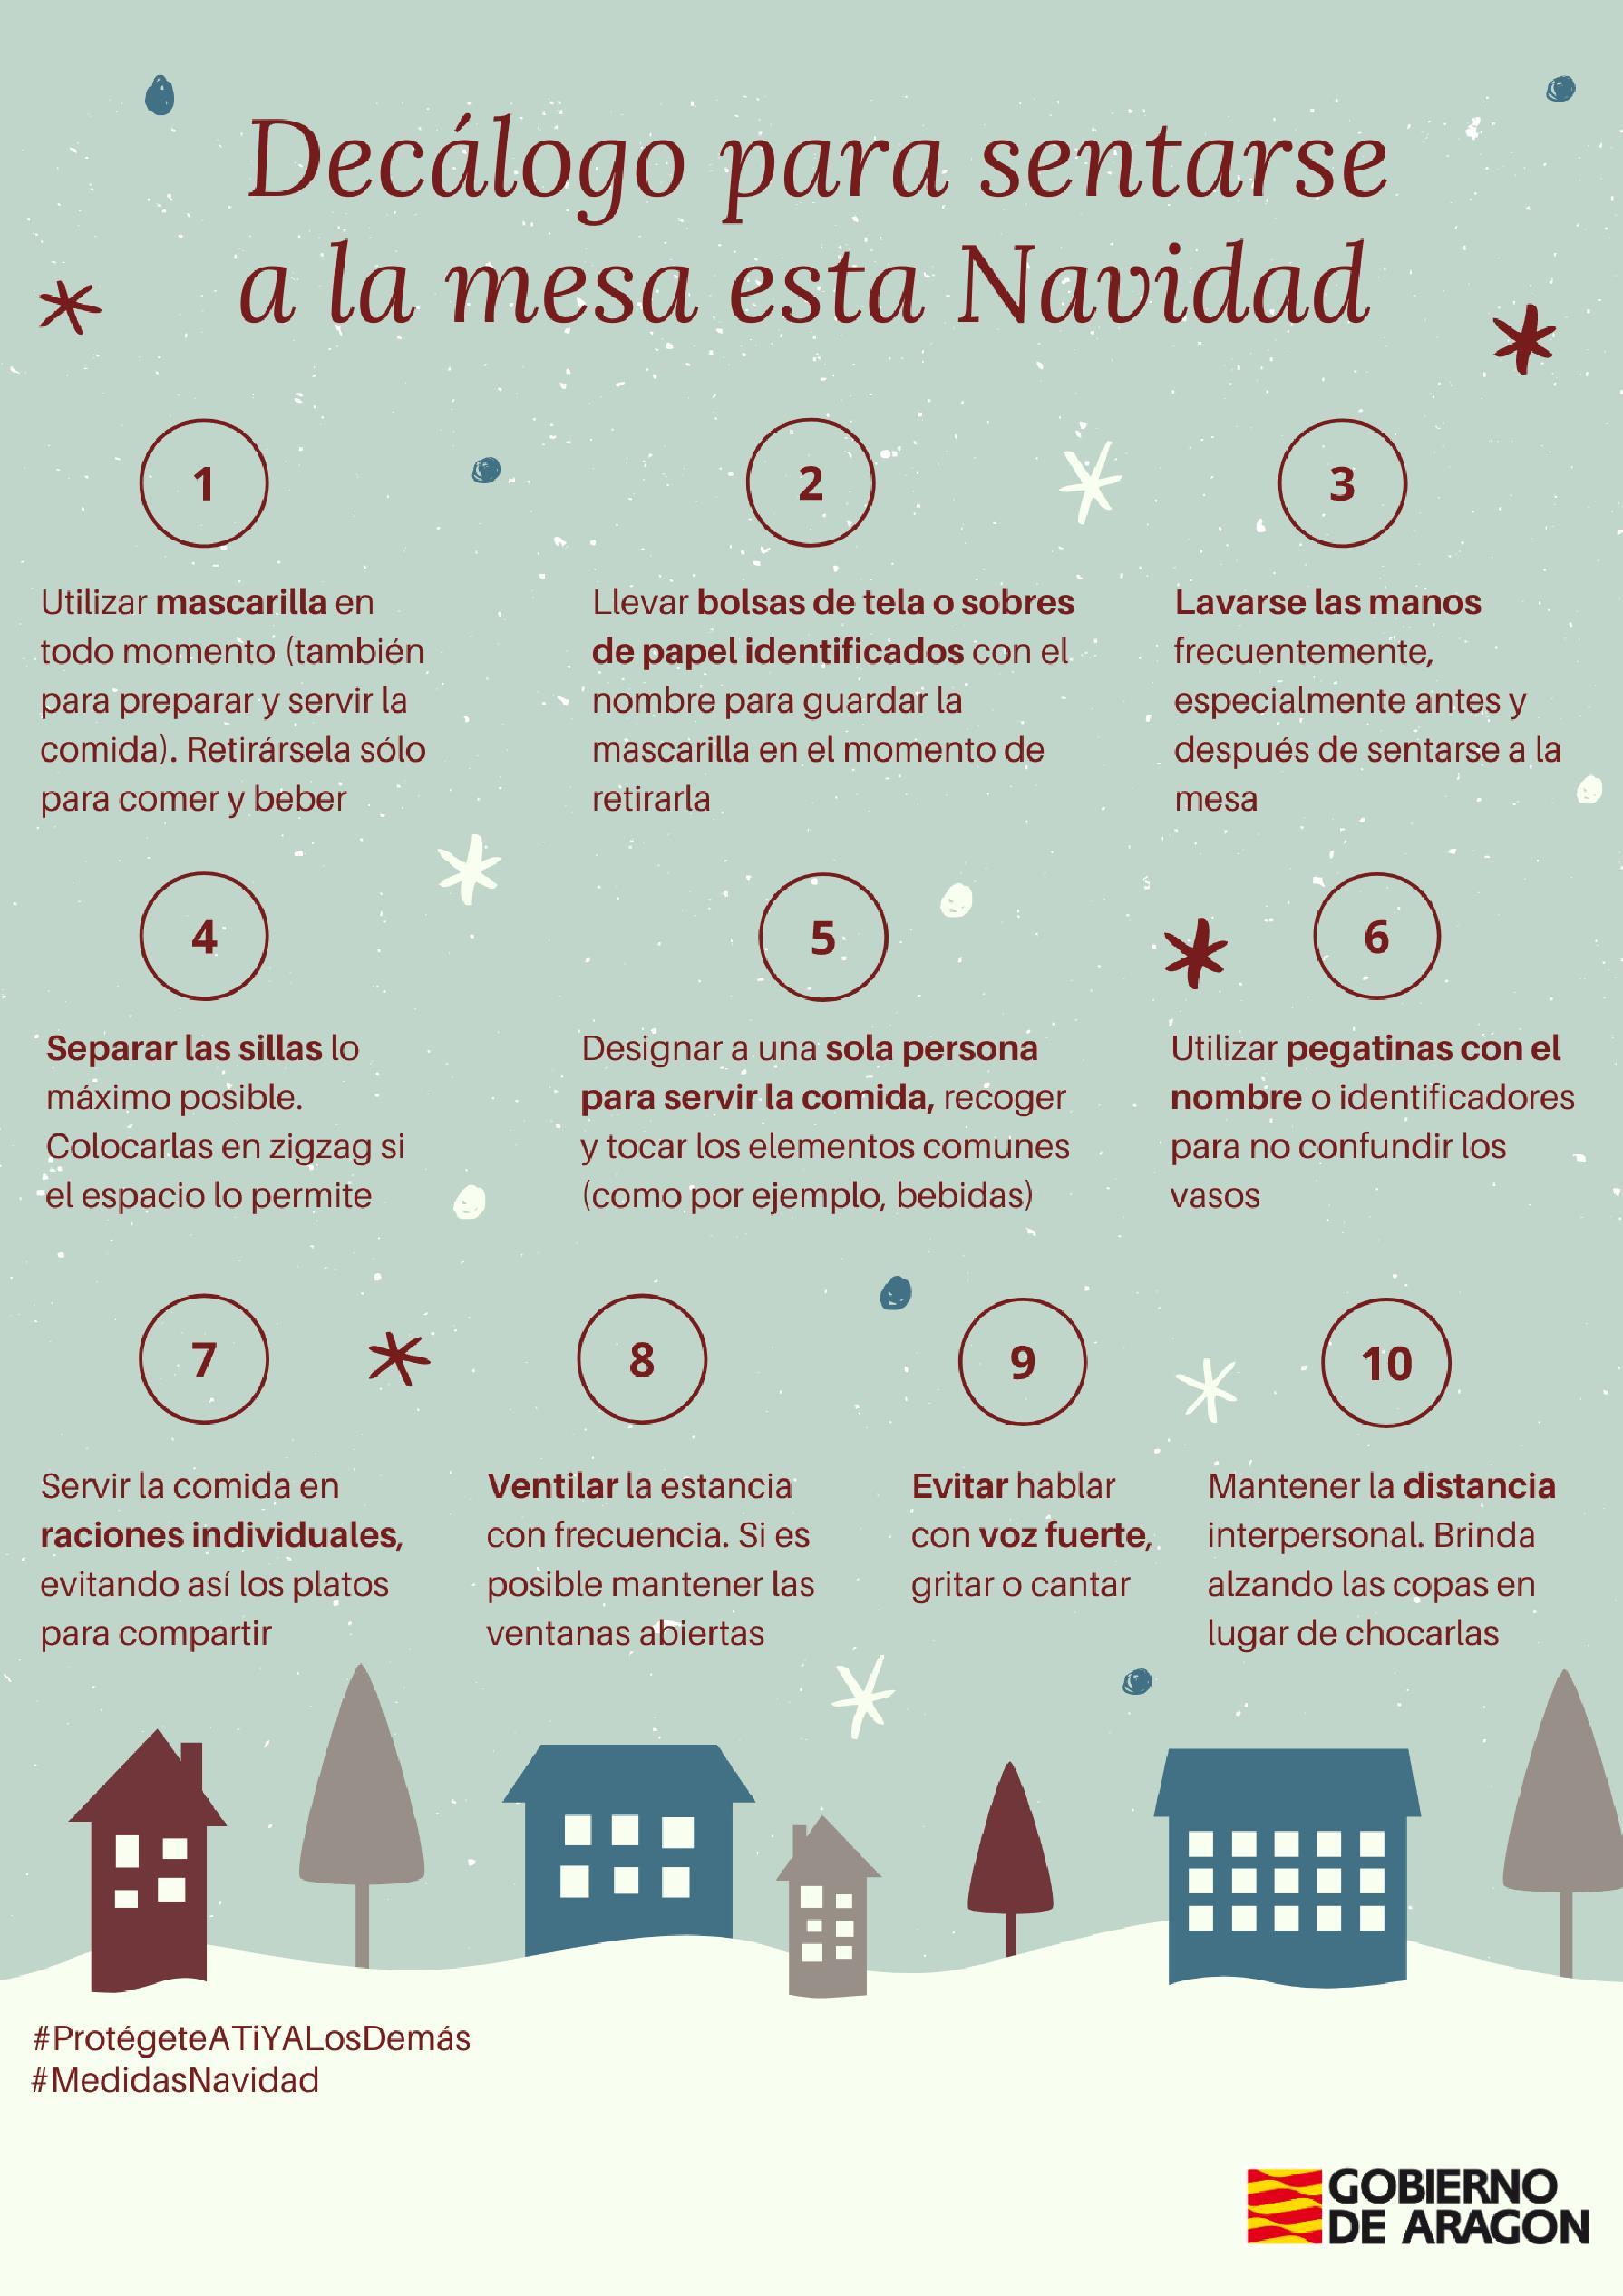 Decalogo-mesa-Navidad